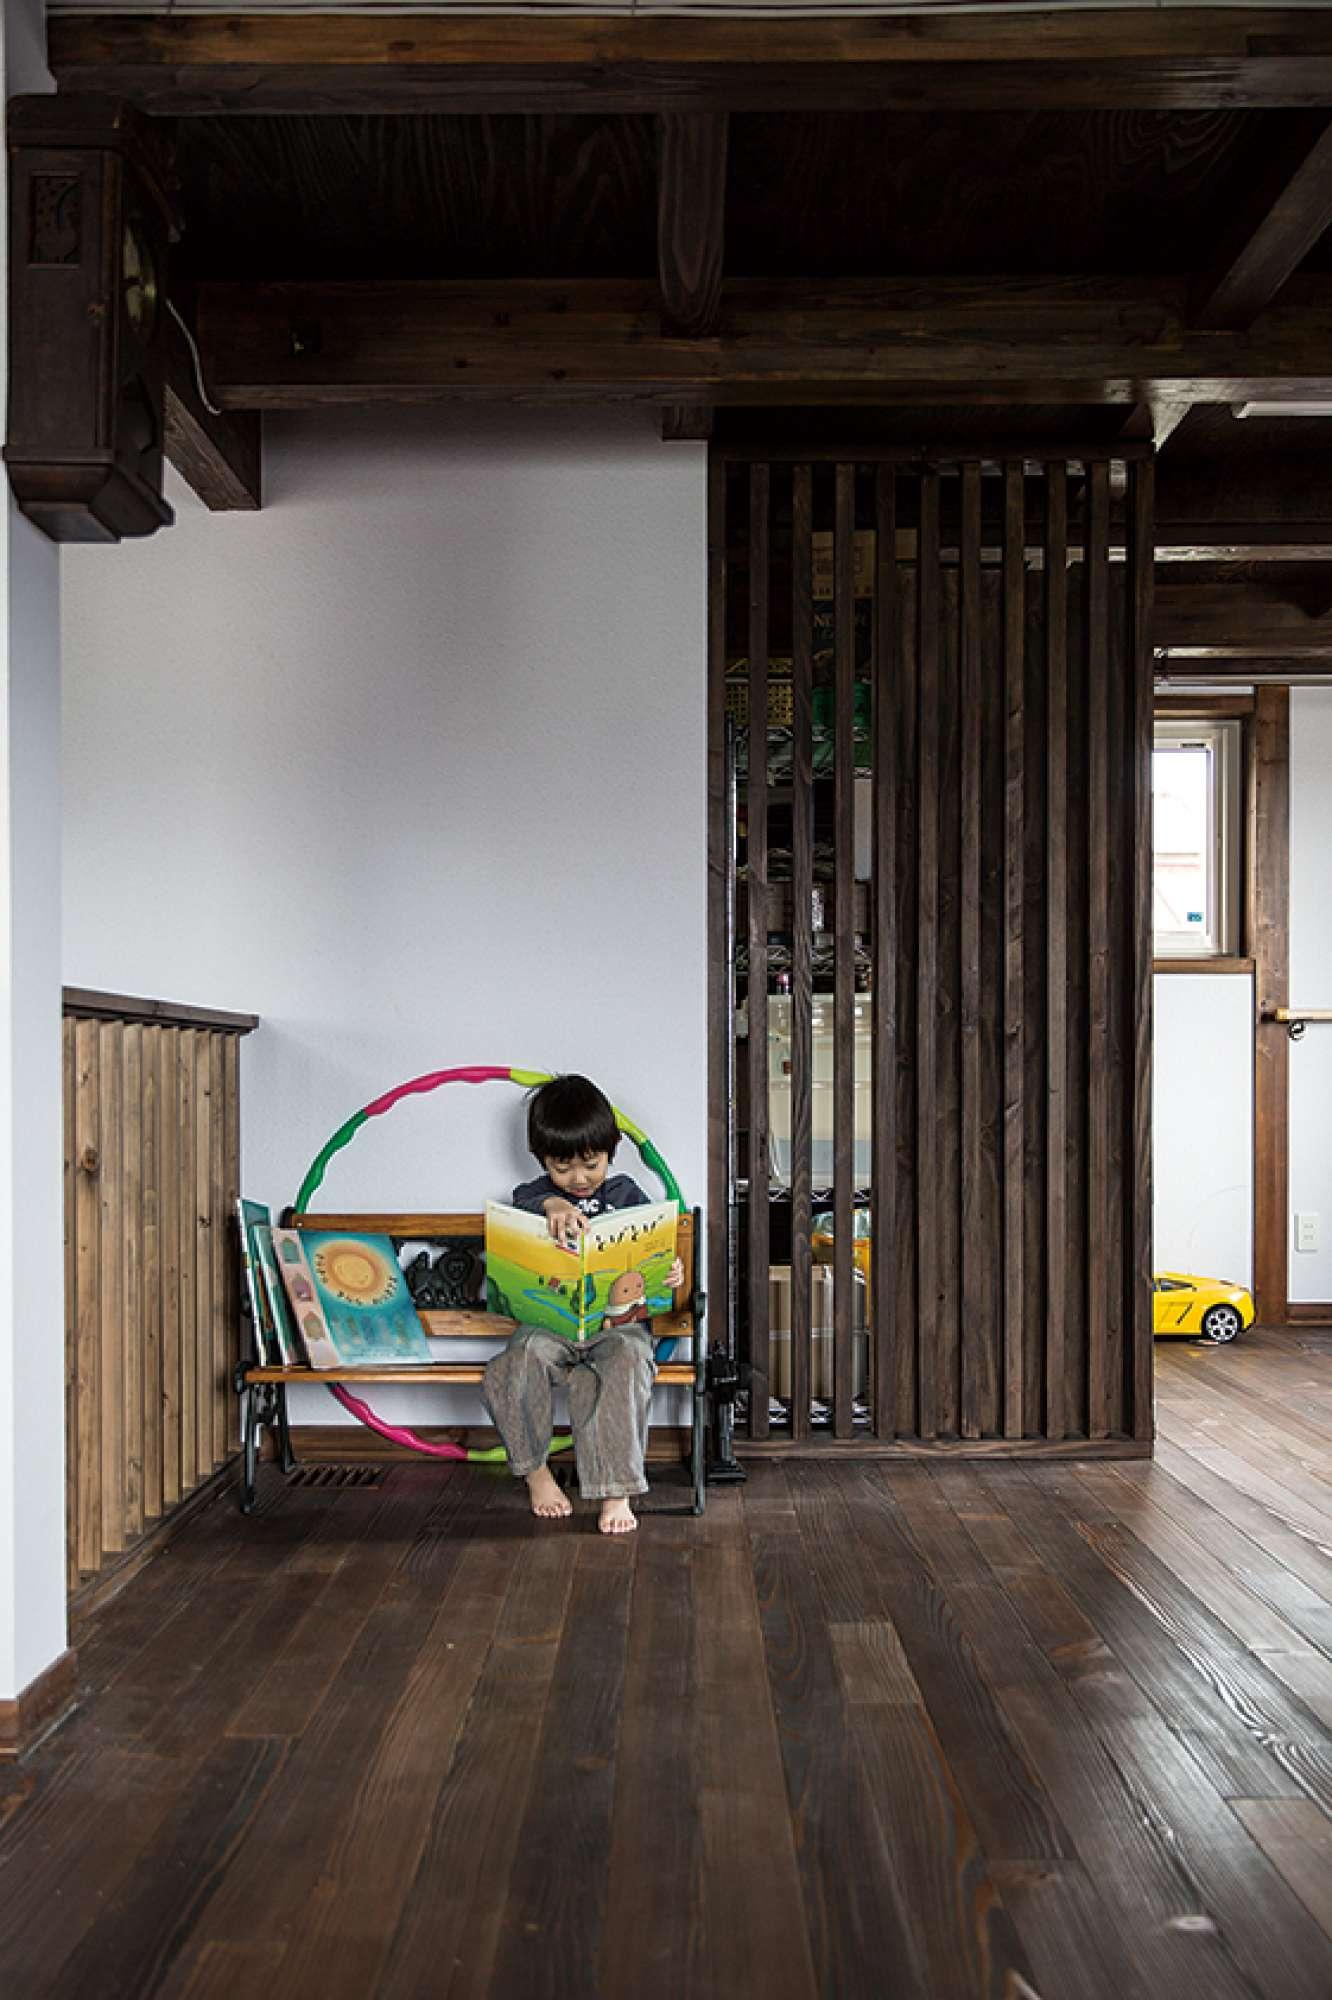 2階の階段横。木製縦格子ルーバーがパーテンション的な役割を -  -  -